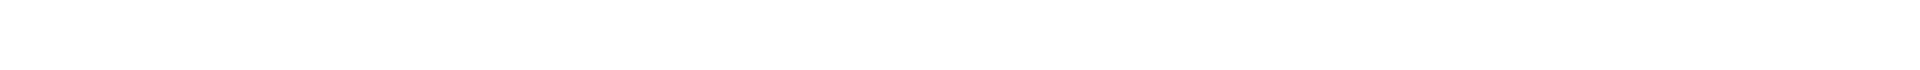 服装烤漆展示柜_化妆品展柜厂家_展示柜生产厂家-上海凌慧展示策划